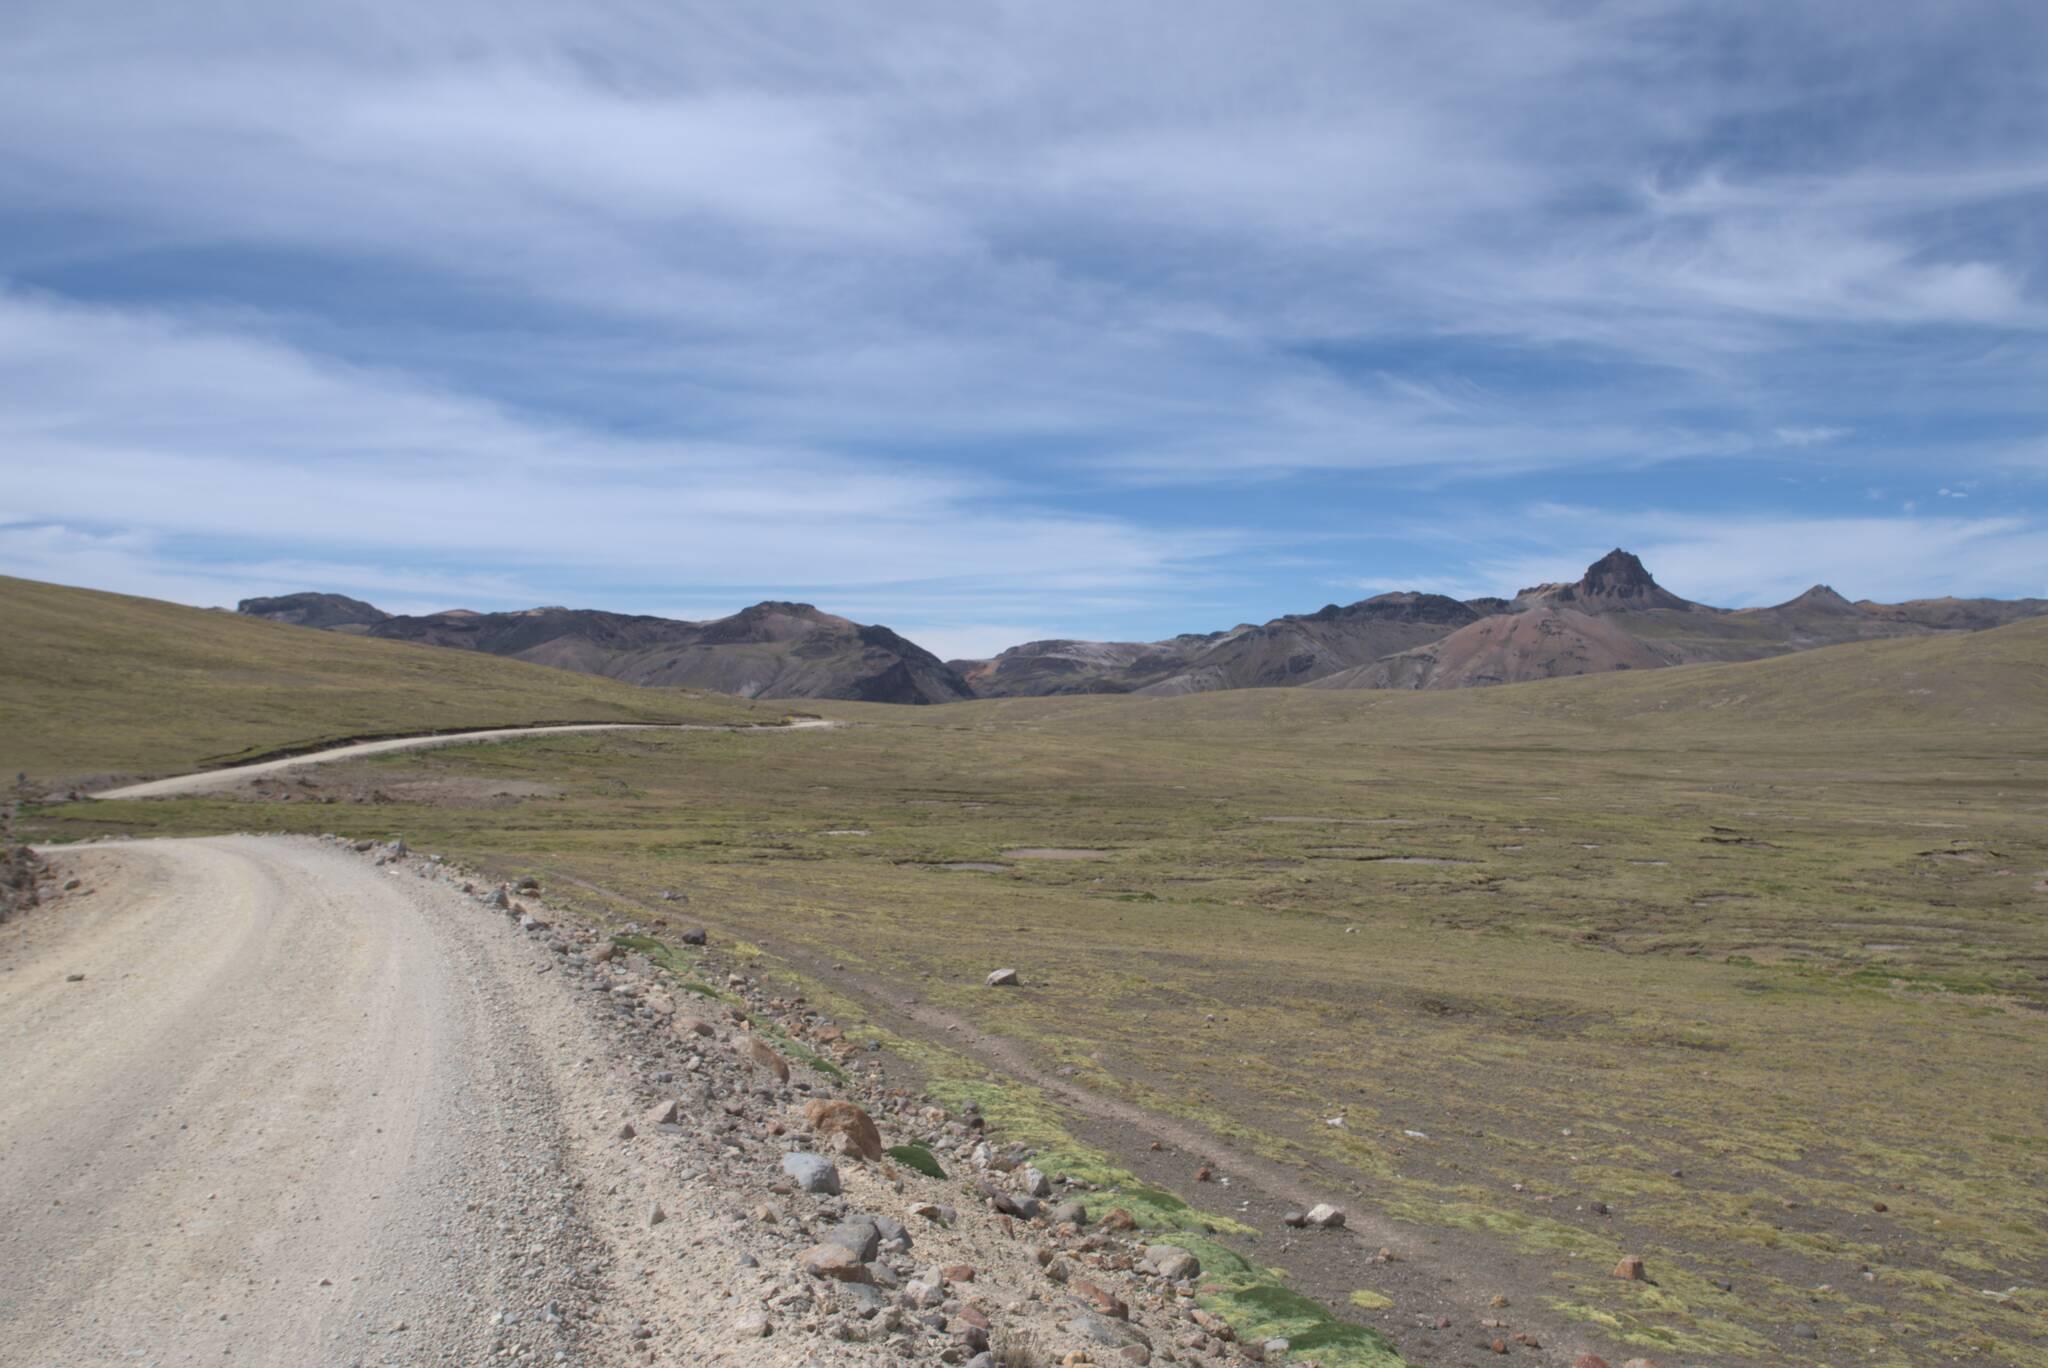 Droga w stronę Antabamby